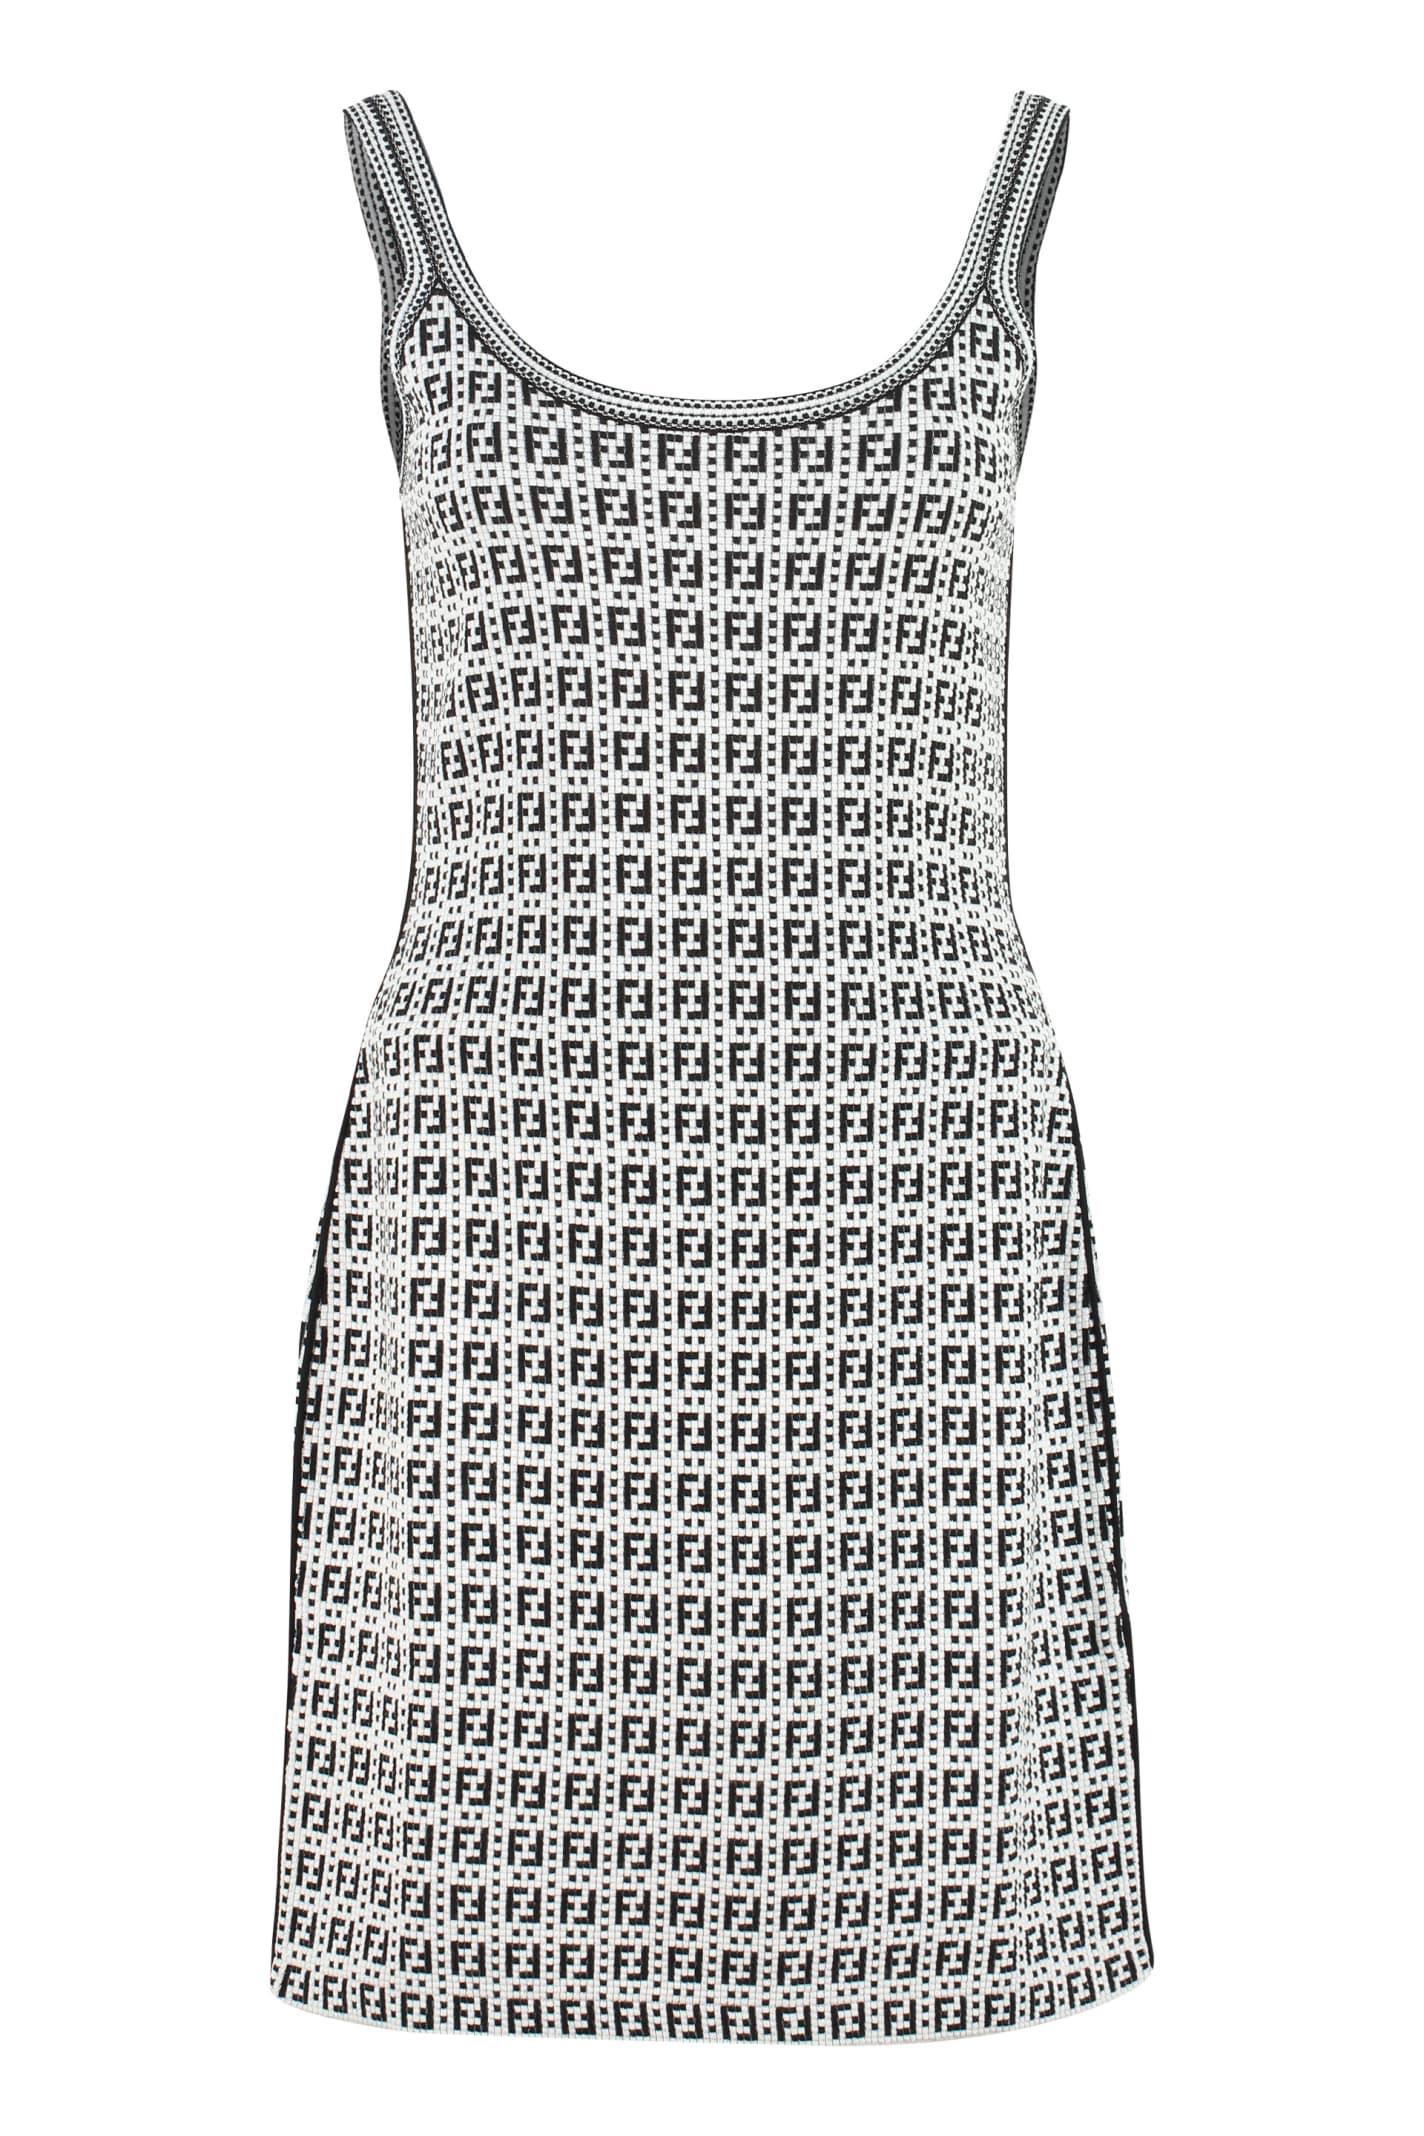 Fendi Dresses KNITTED DRESS